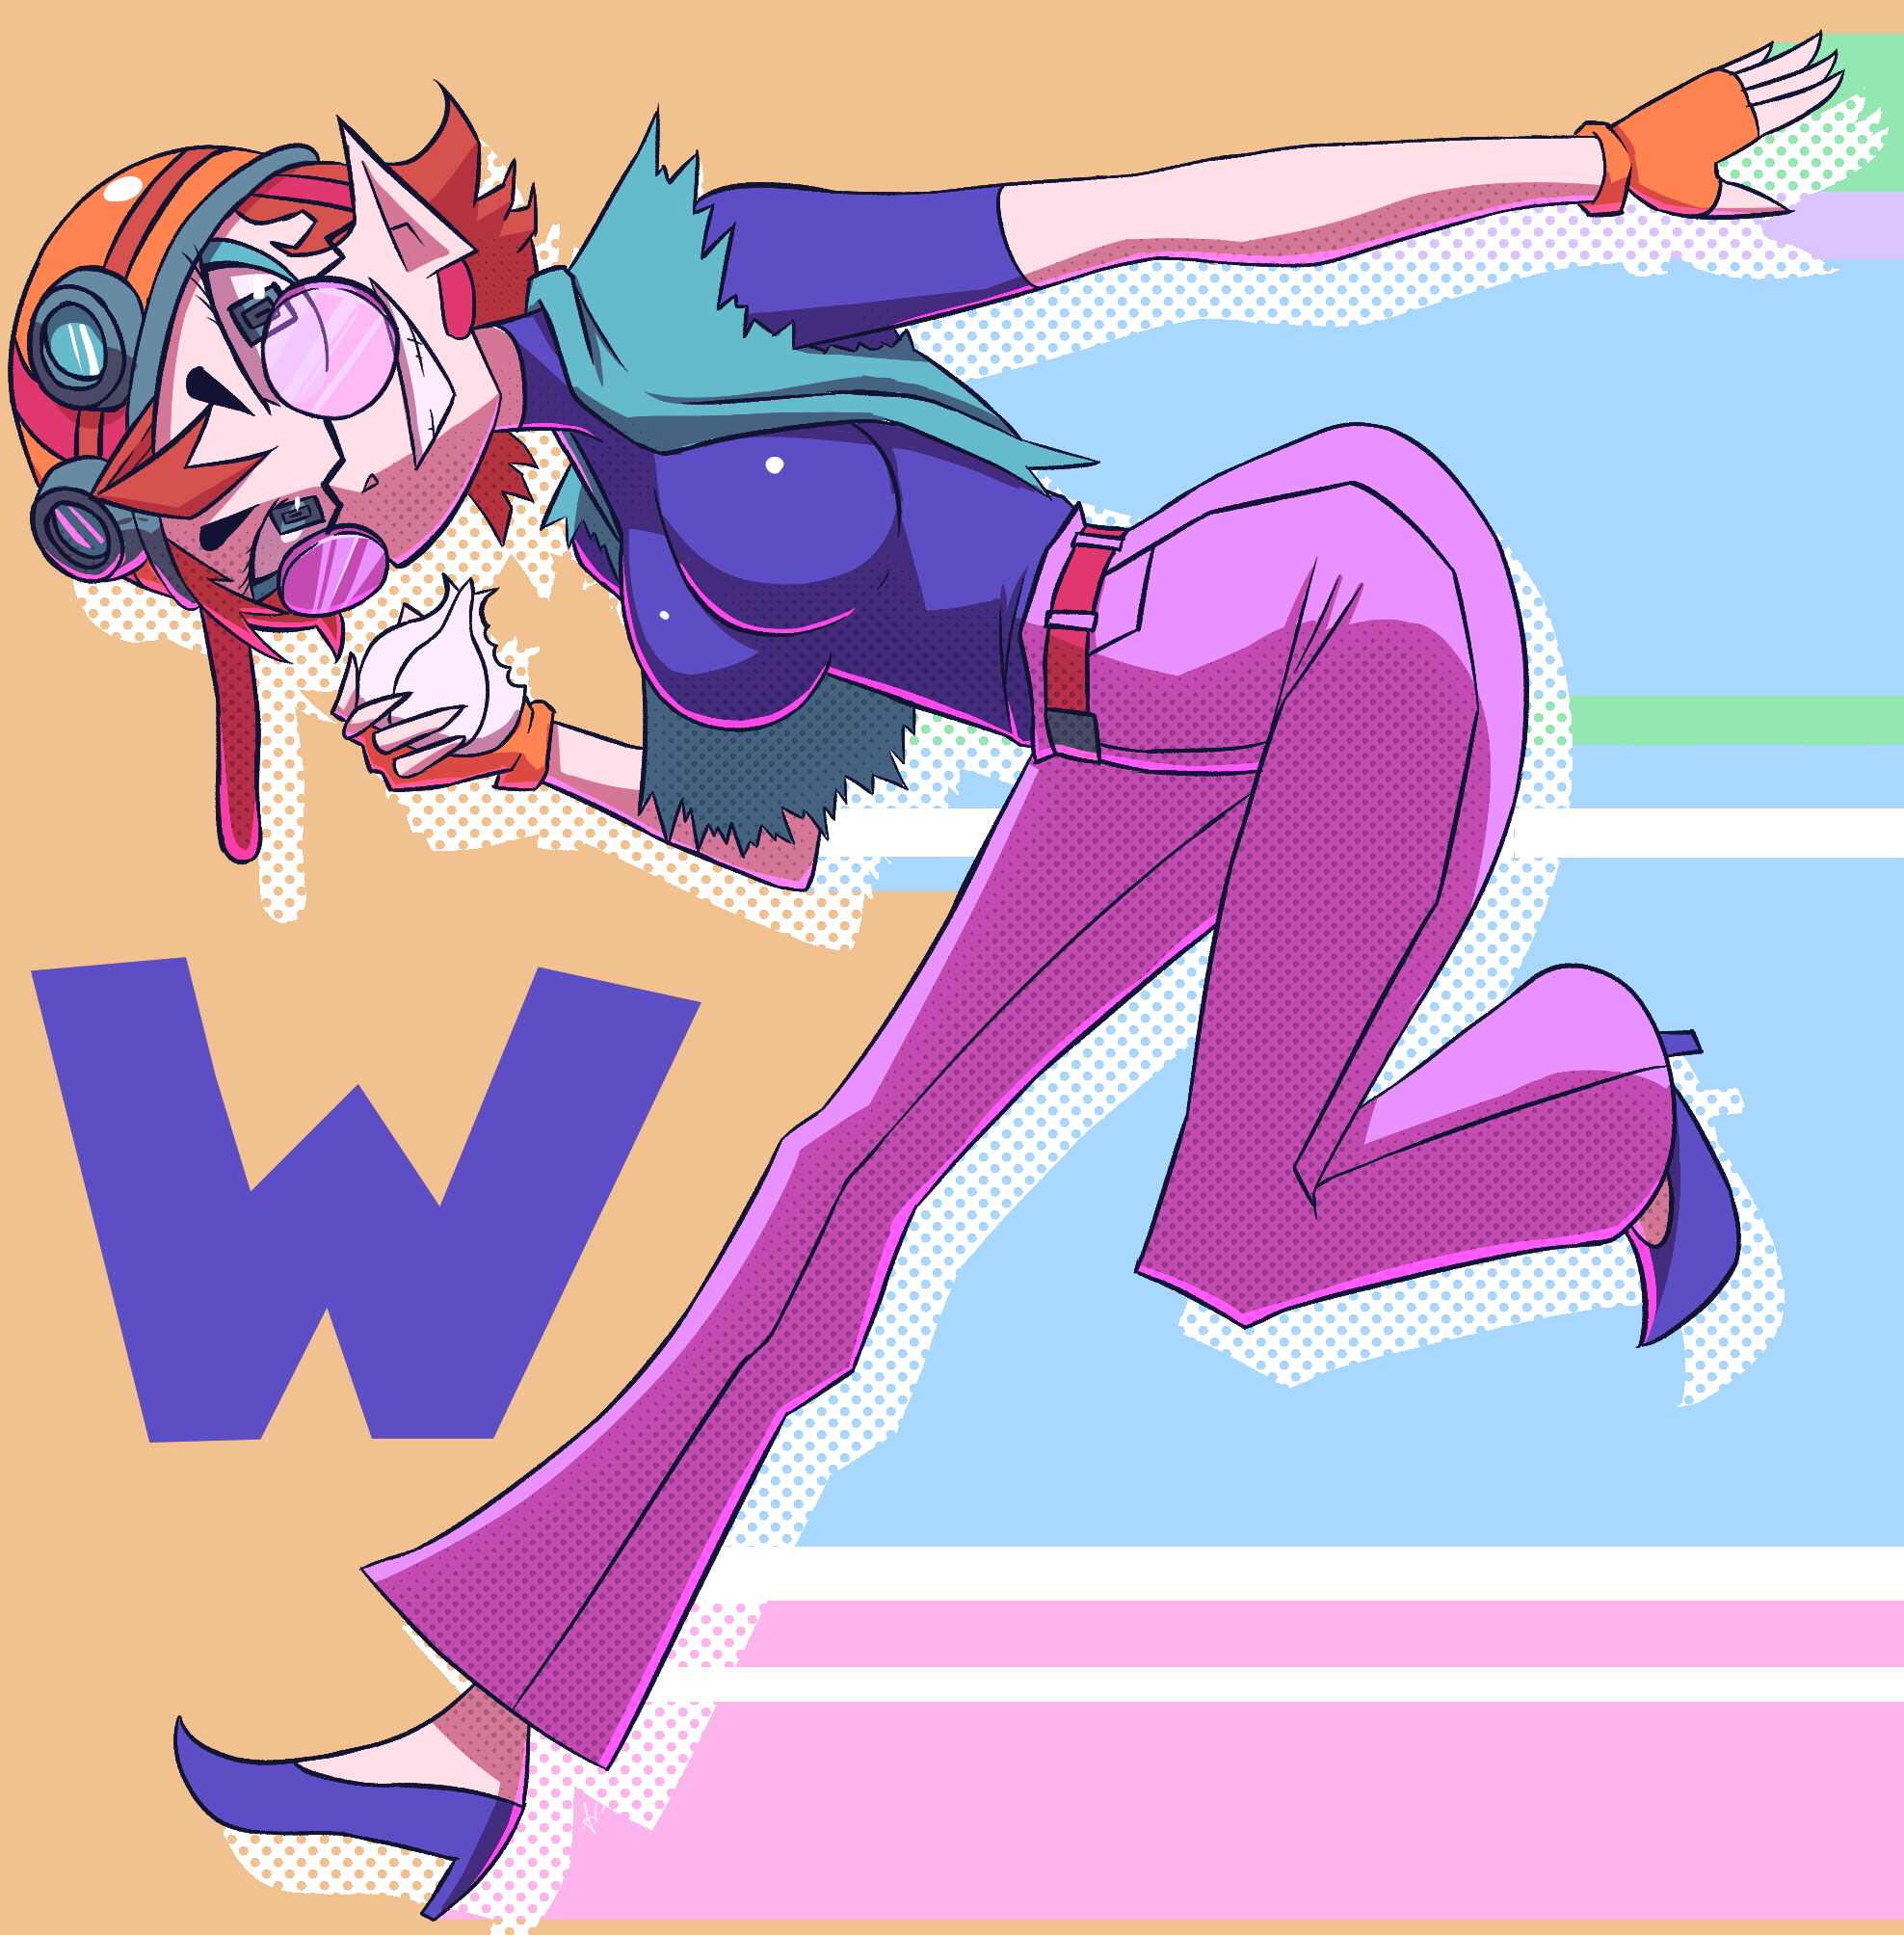 """Inktober day 14 - Wario and Waifu start with """"Wa"""""""